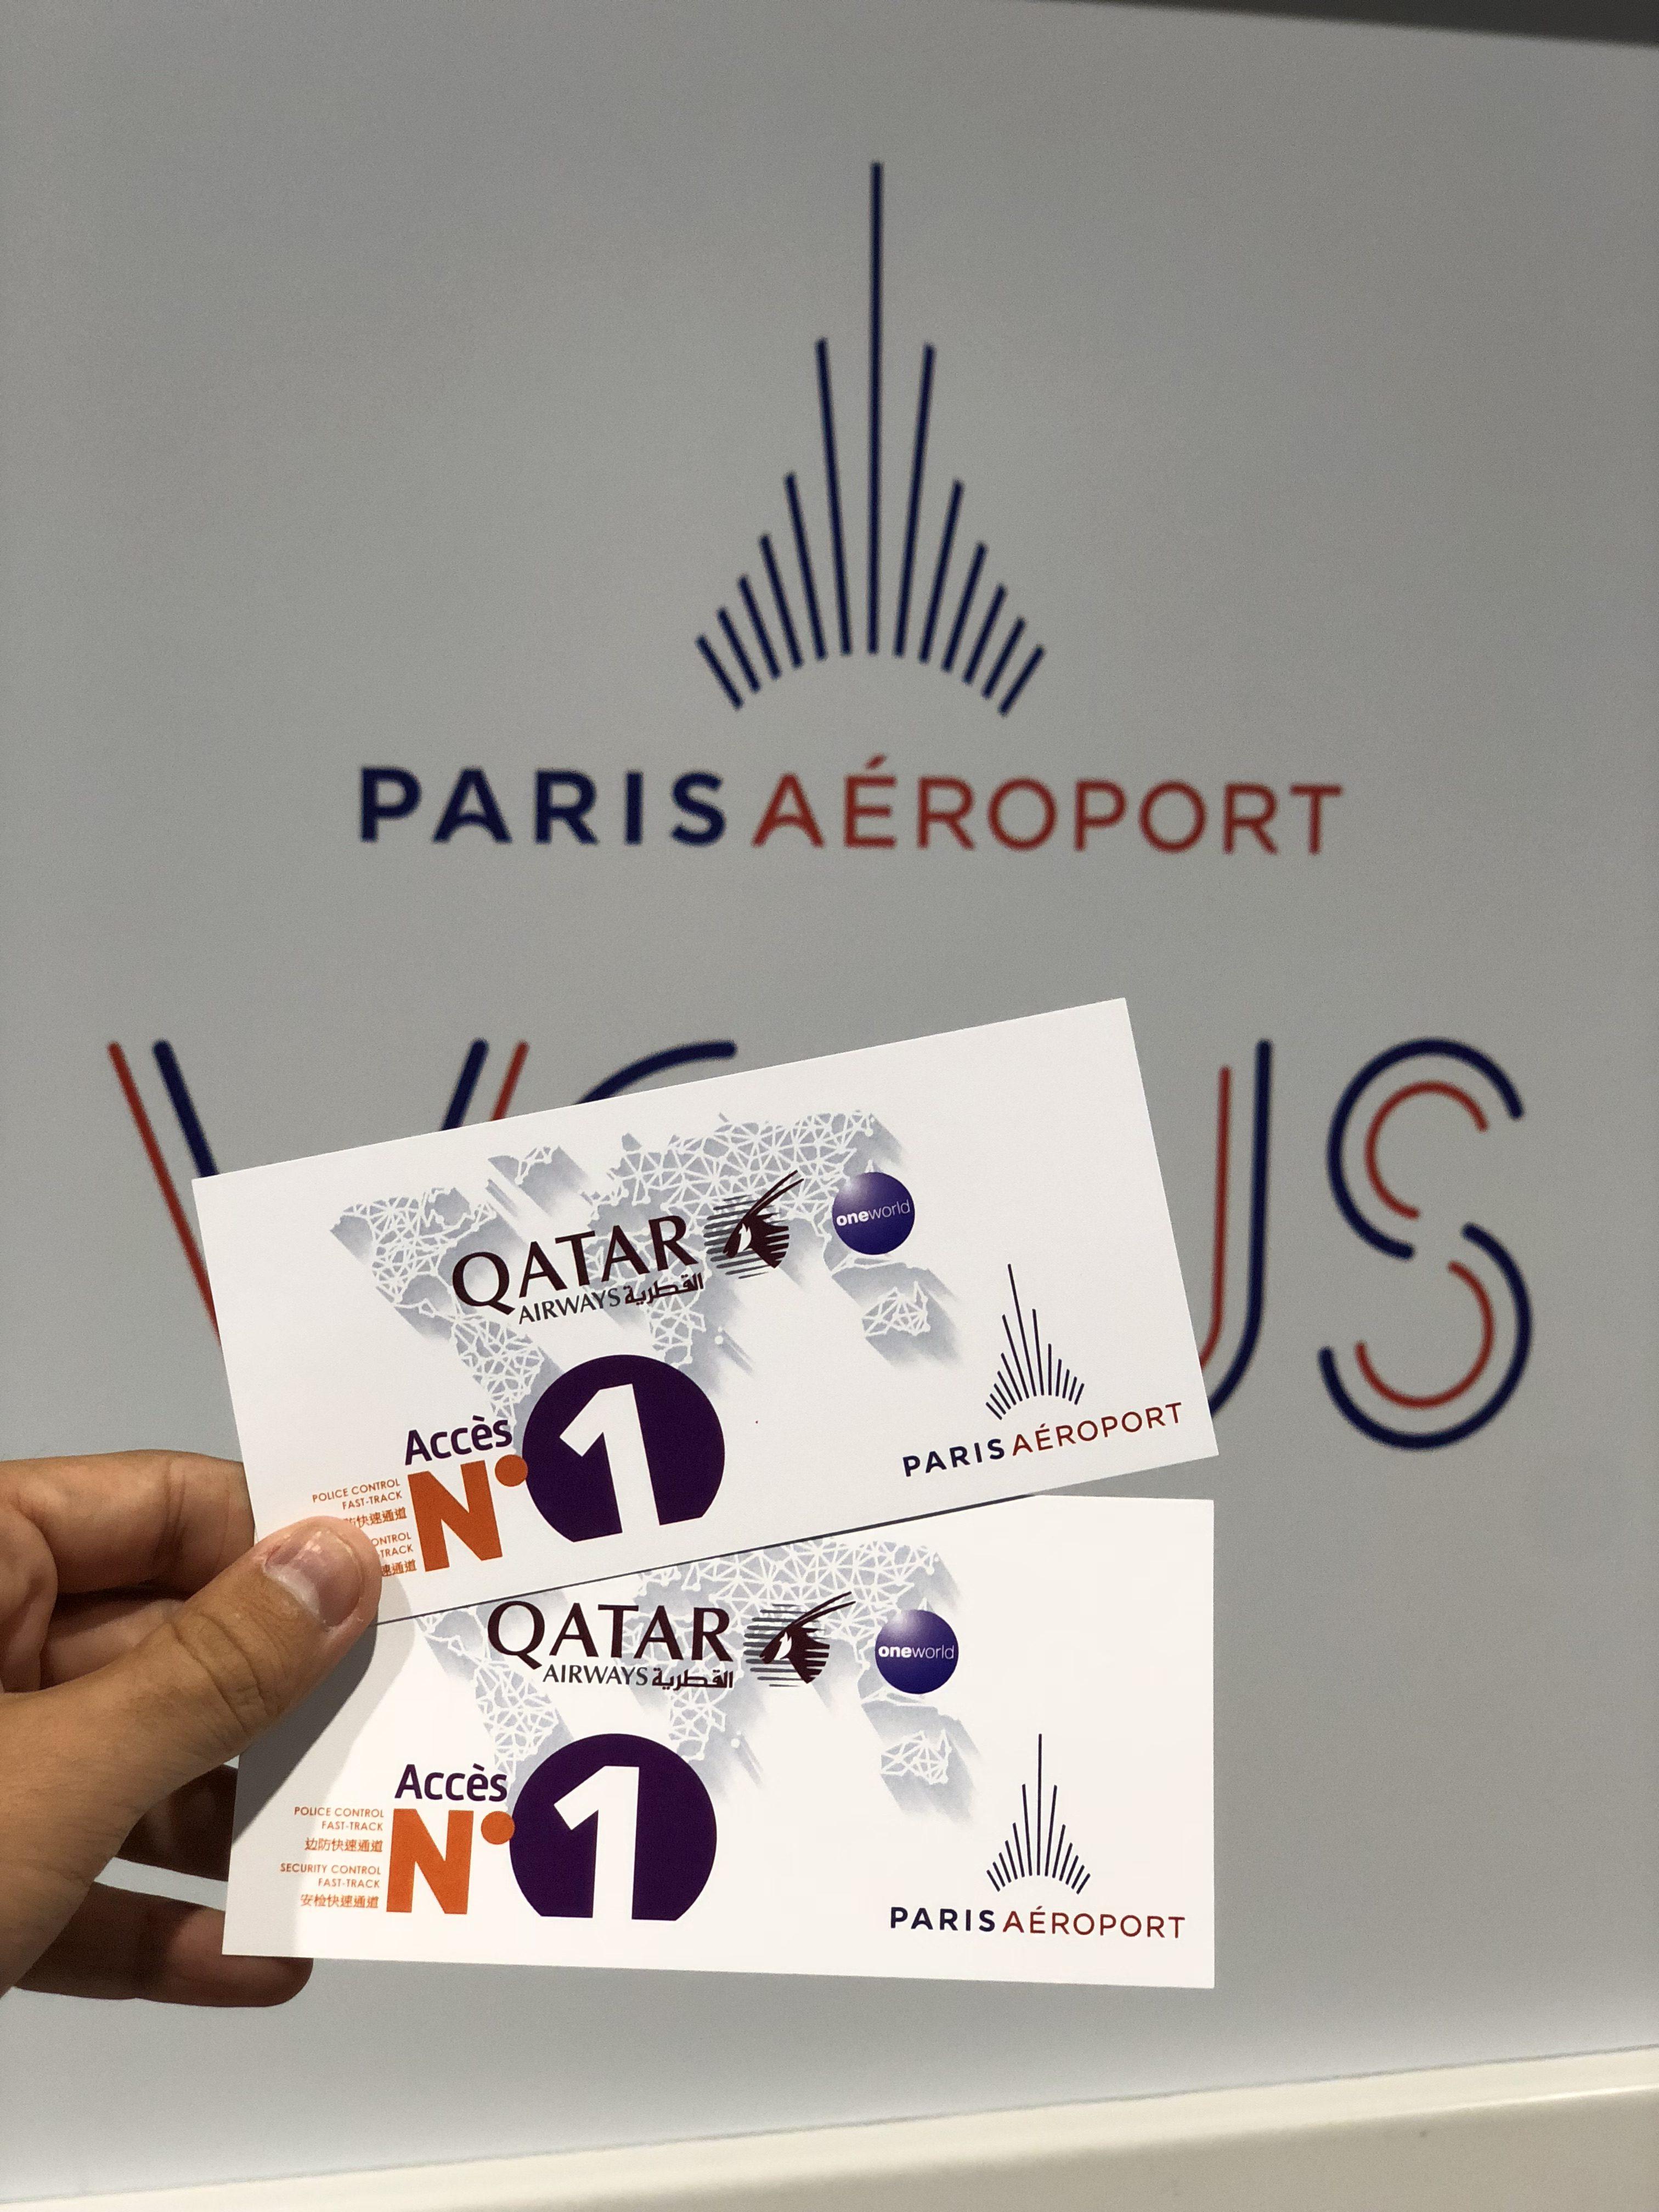 Une Fois Lenregistrement Des Bagages Ralis Avec Les Charmantes Htesses De Chez Qatar Airways Puis Cartes Dembarquement En Poche On Se Dirige Vers